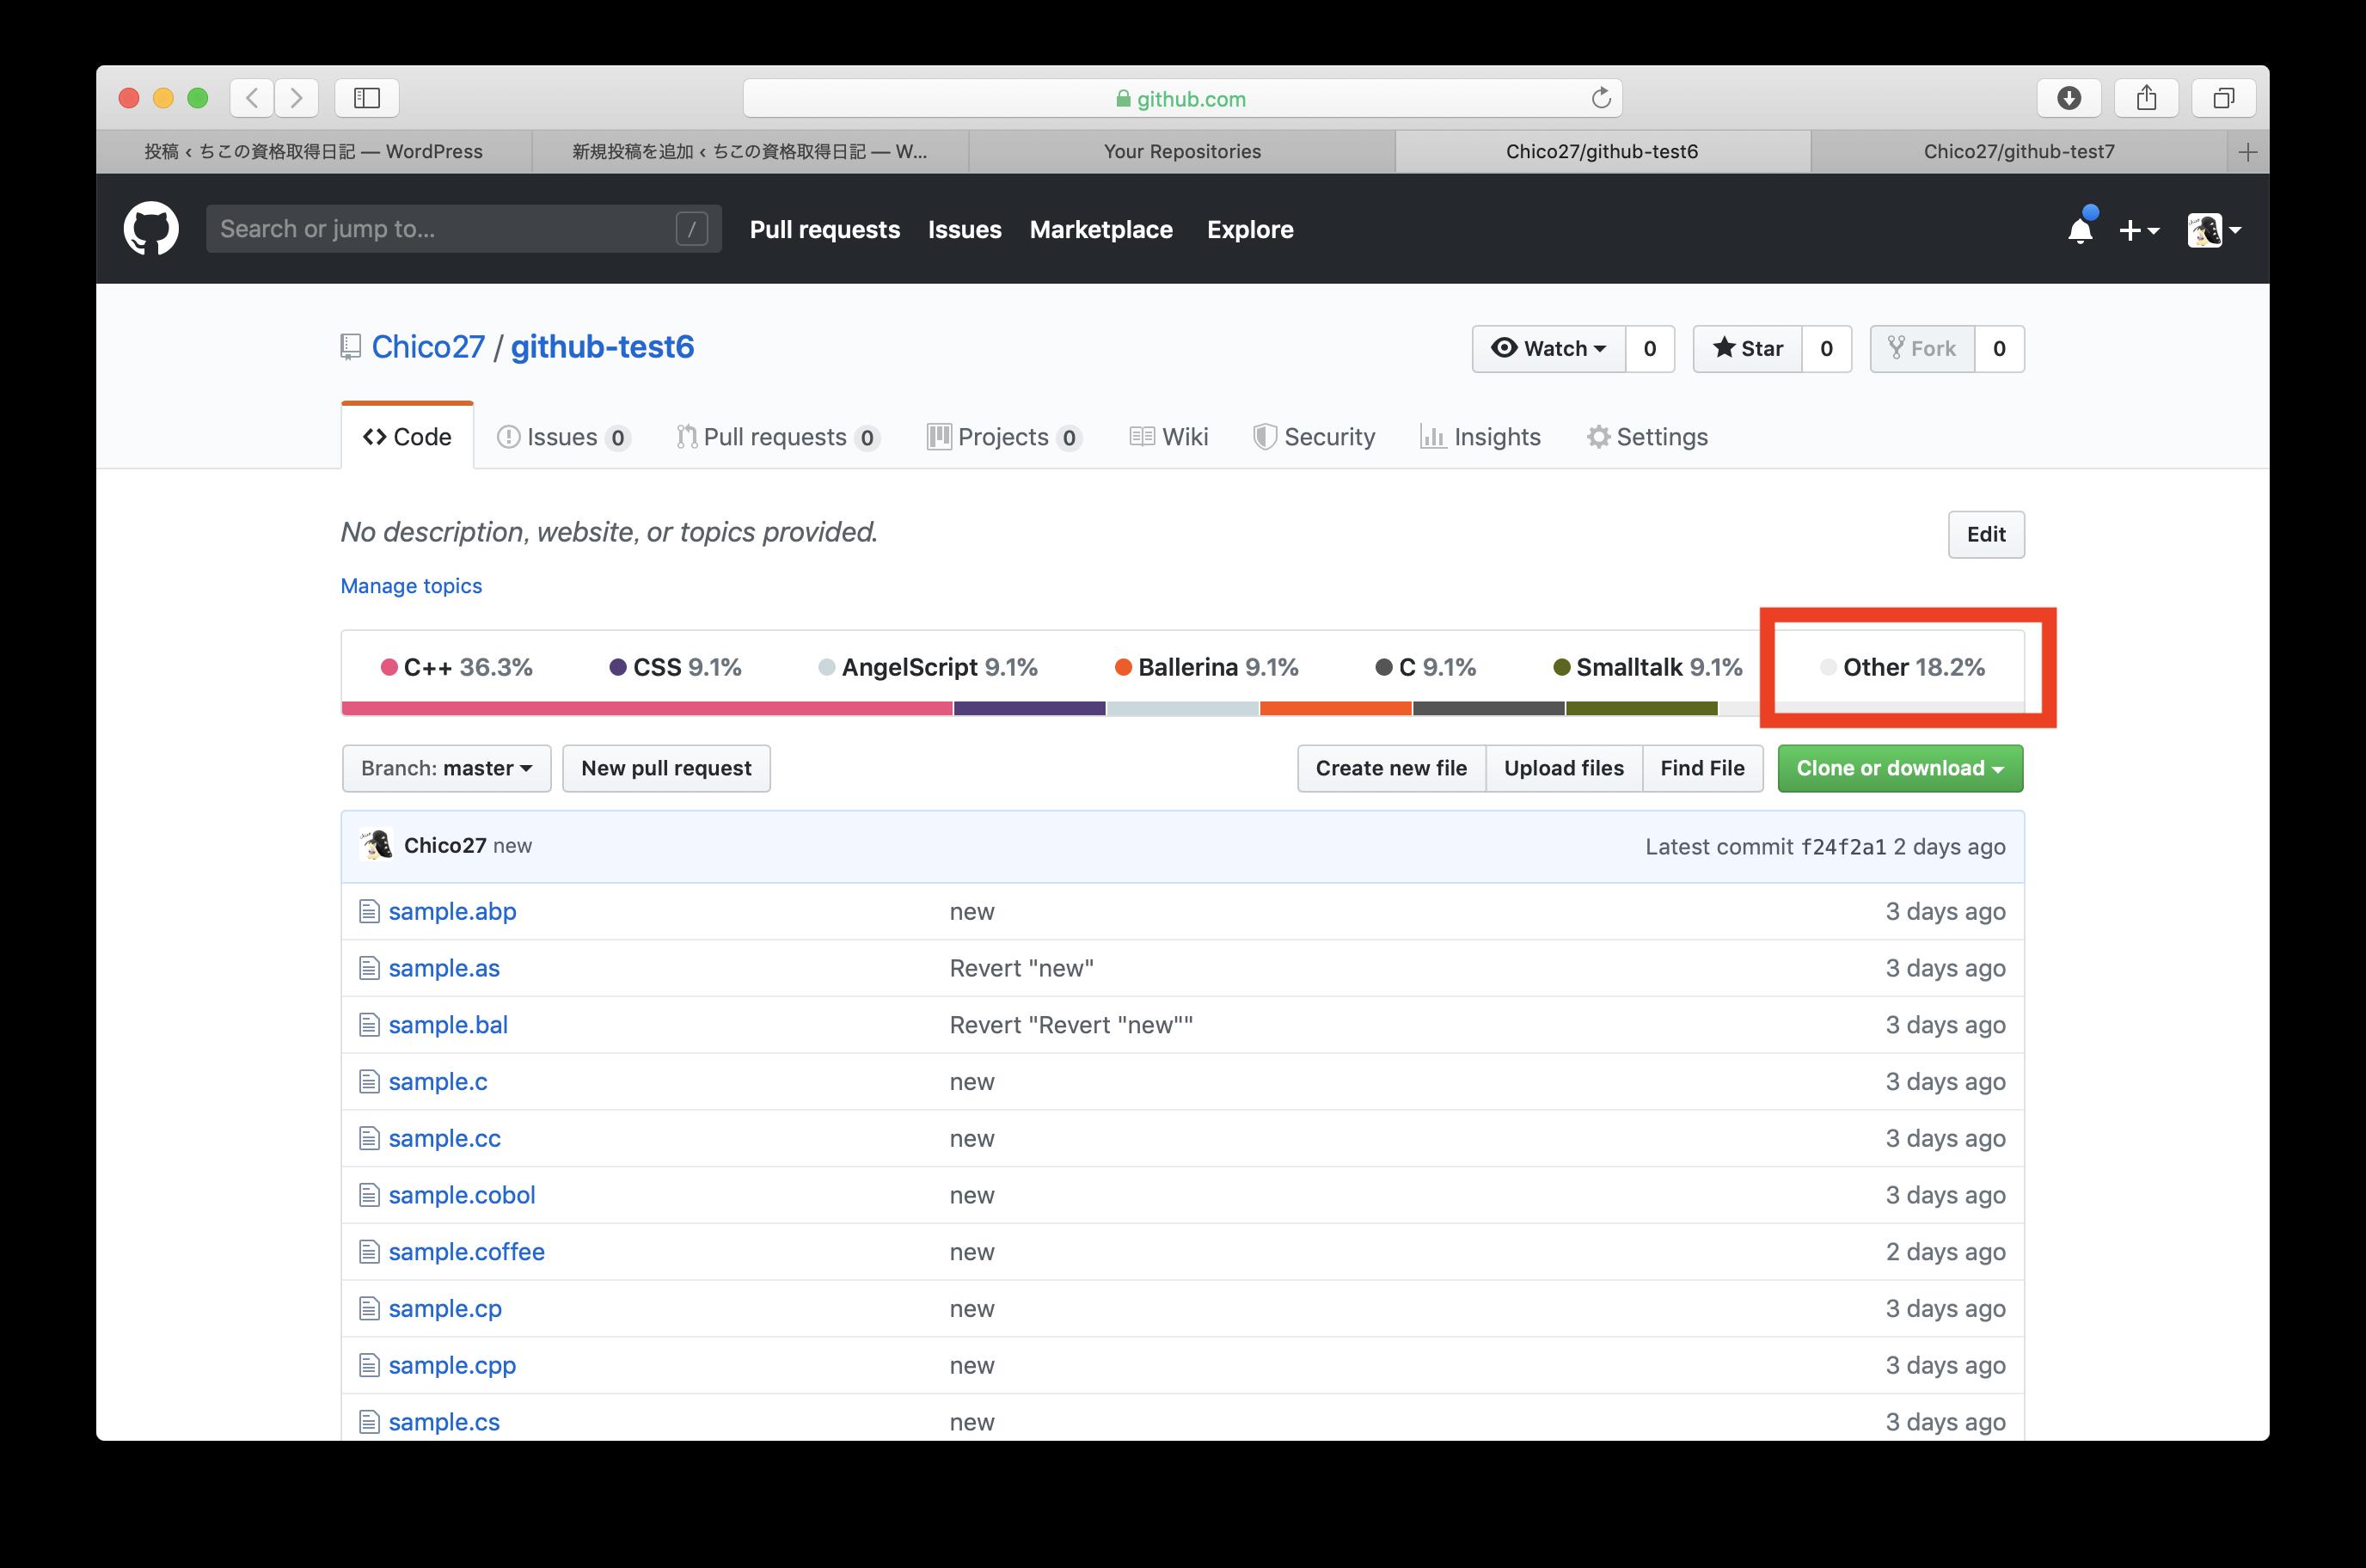 GitHubの言語比率の掲載言語数の限界は7つ